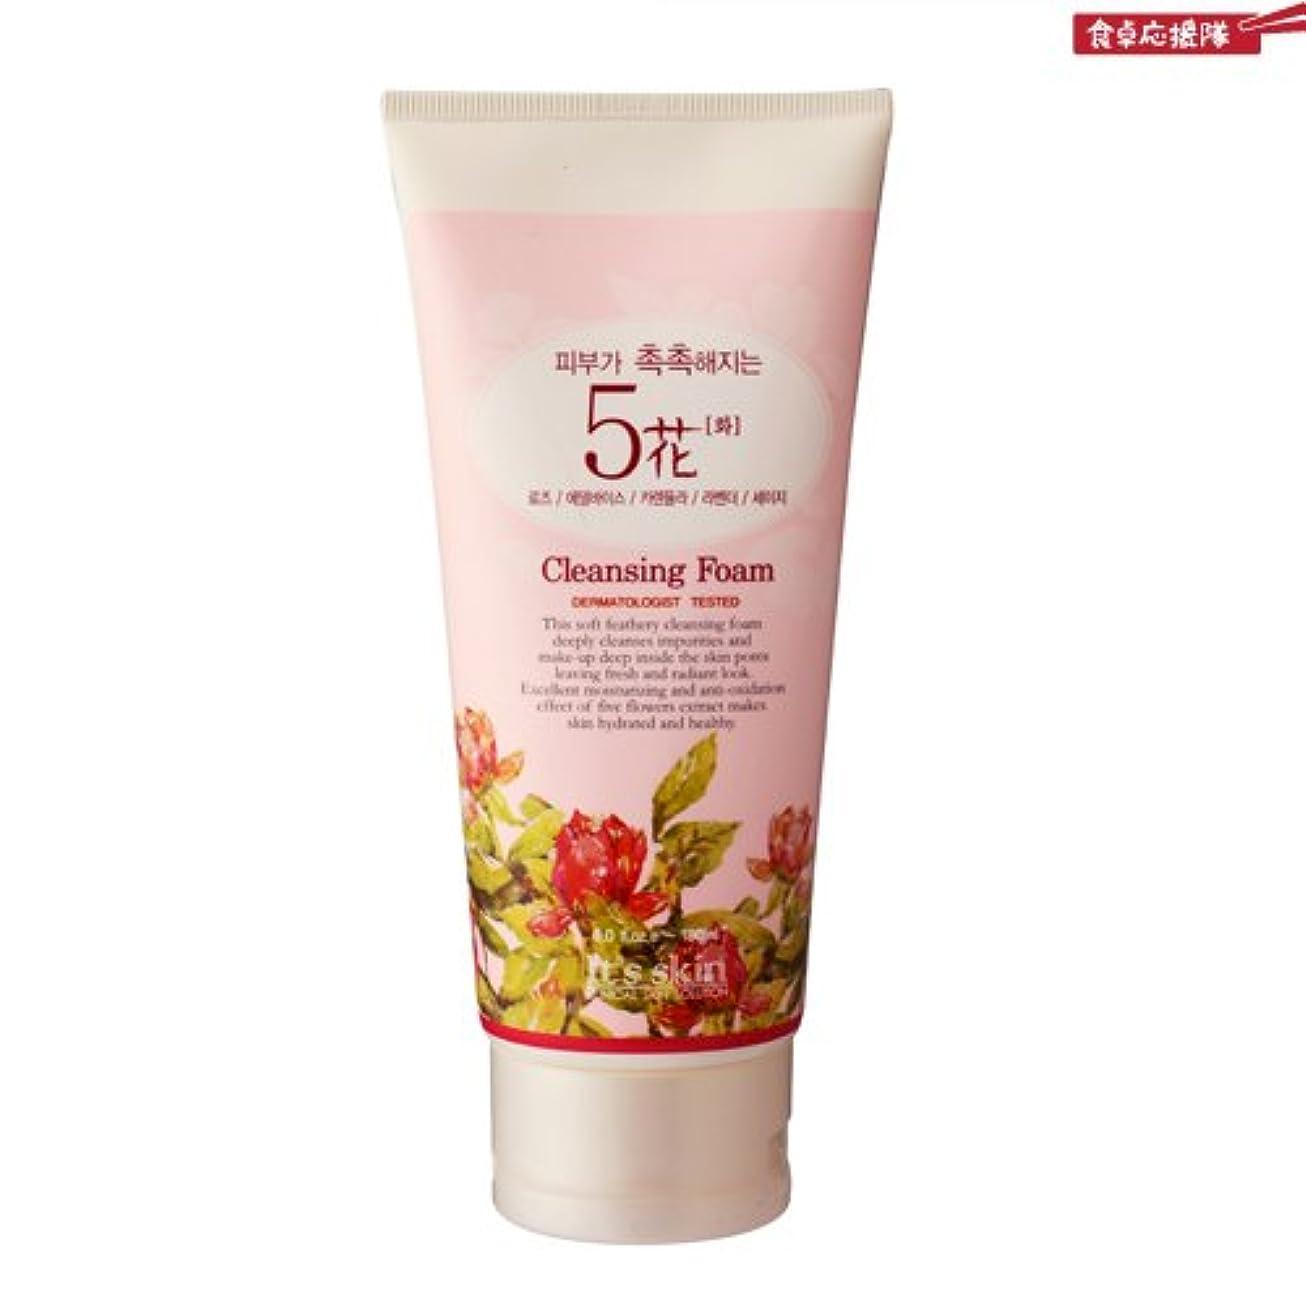 不測の事態粘り強い同一のIt's skin イッツスキン スキン 5花クレンジングフォーム(180ml) Skin Moistening 5 Flowers Cleansing Foam 韓国コスメ 美容 化粧品 ビューティー スキンケア